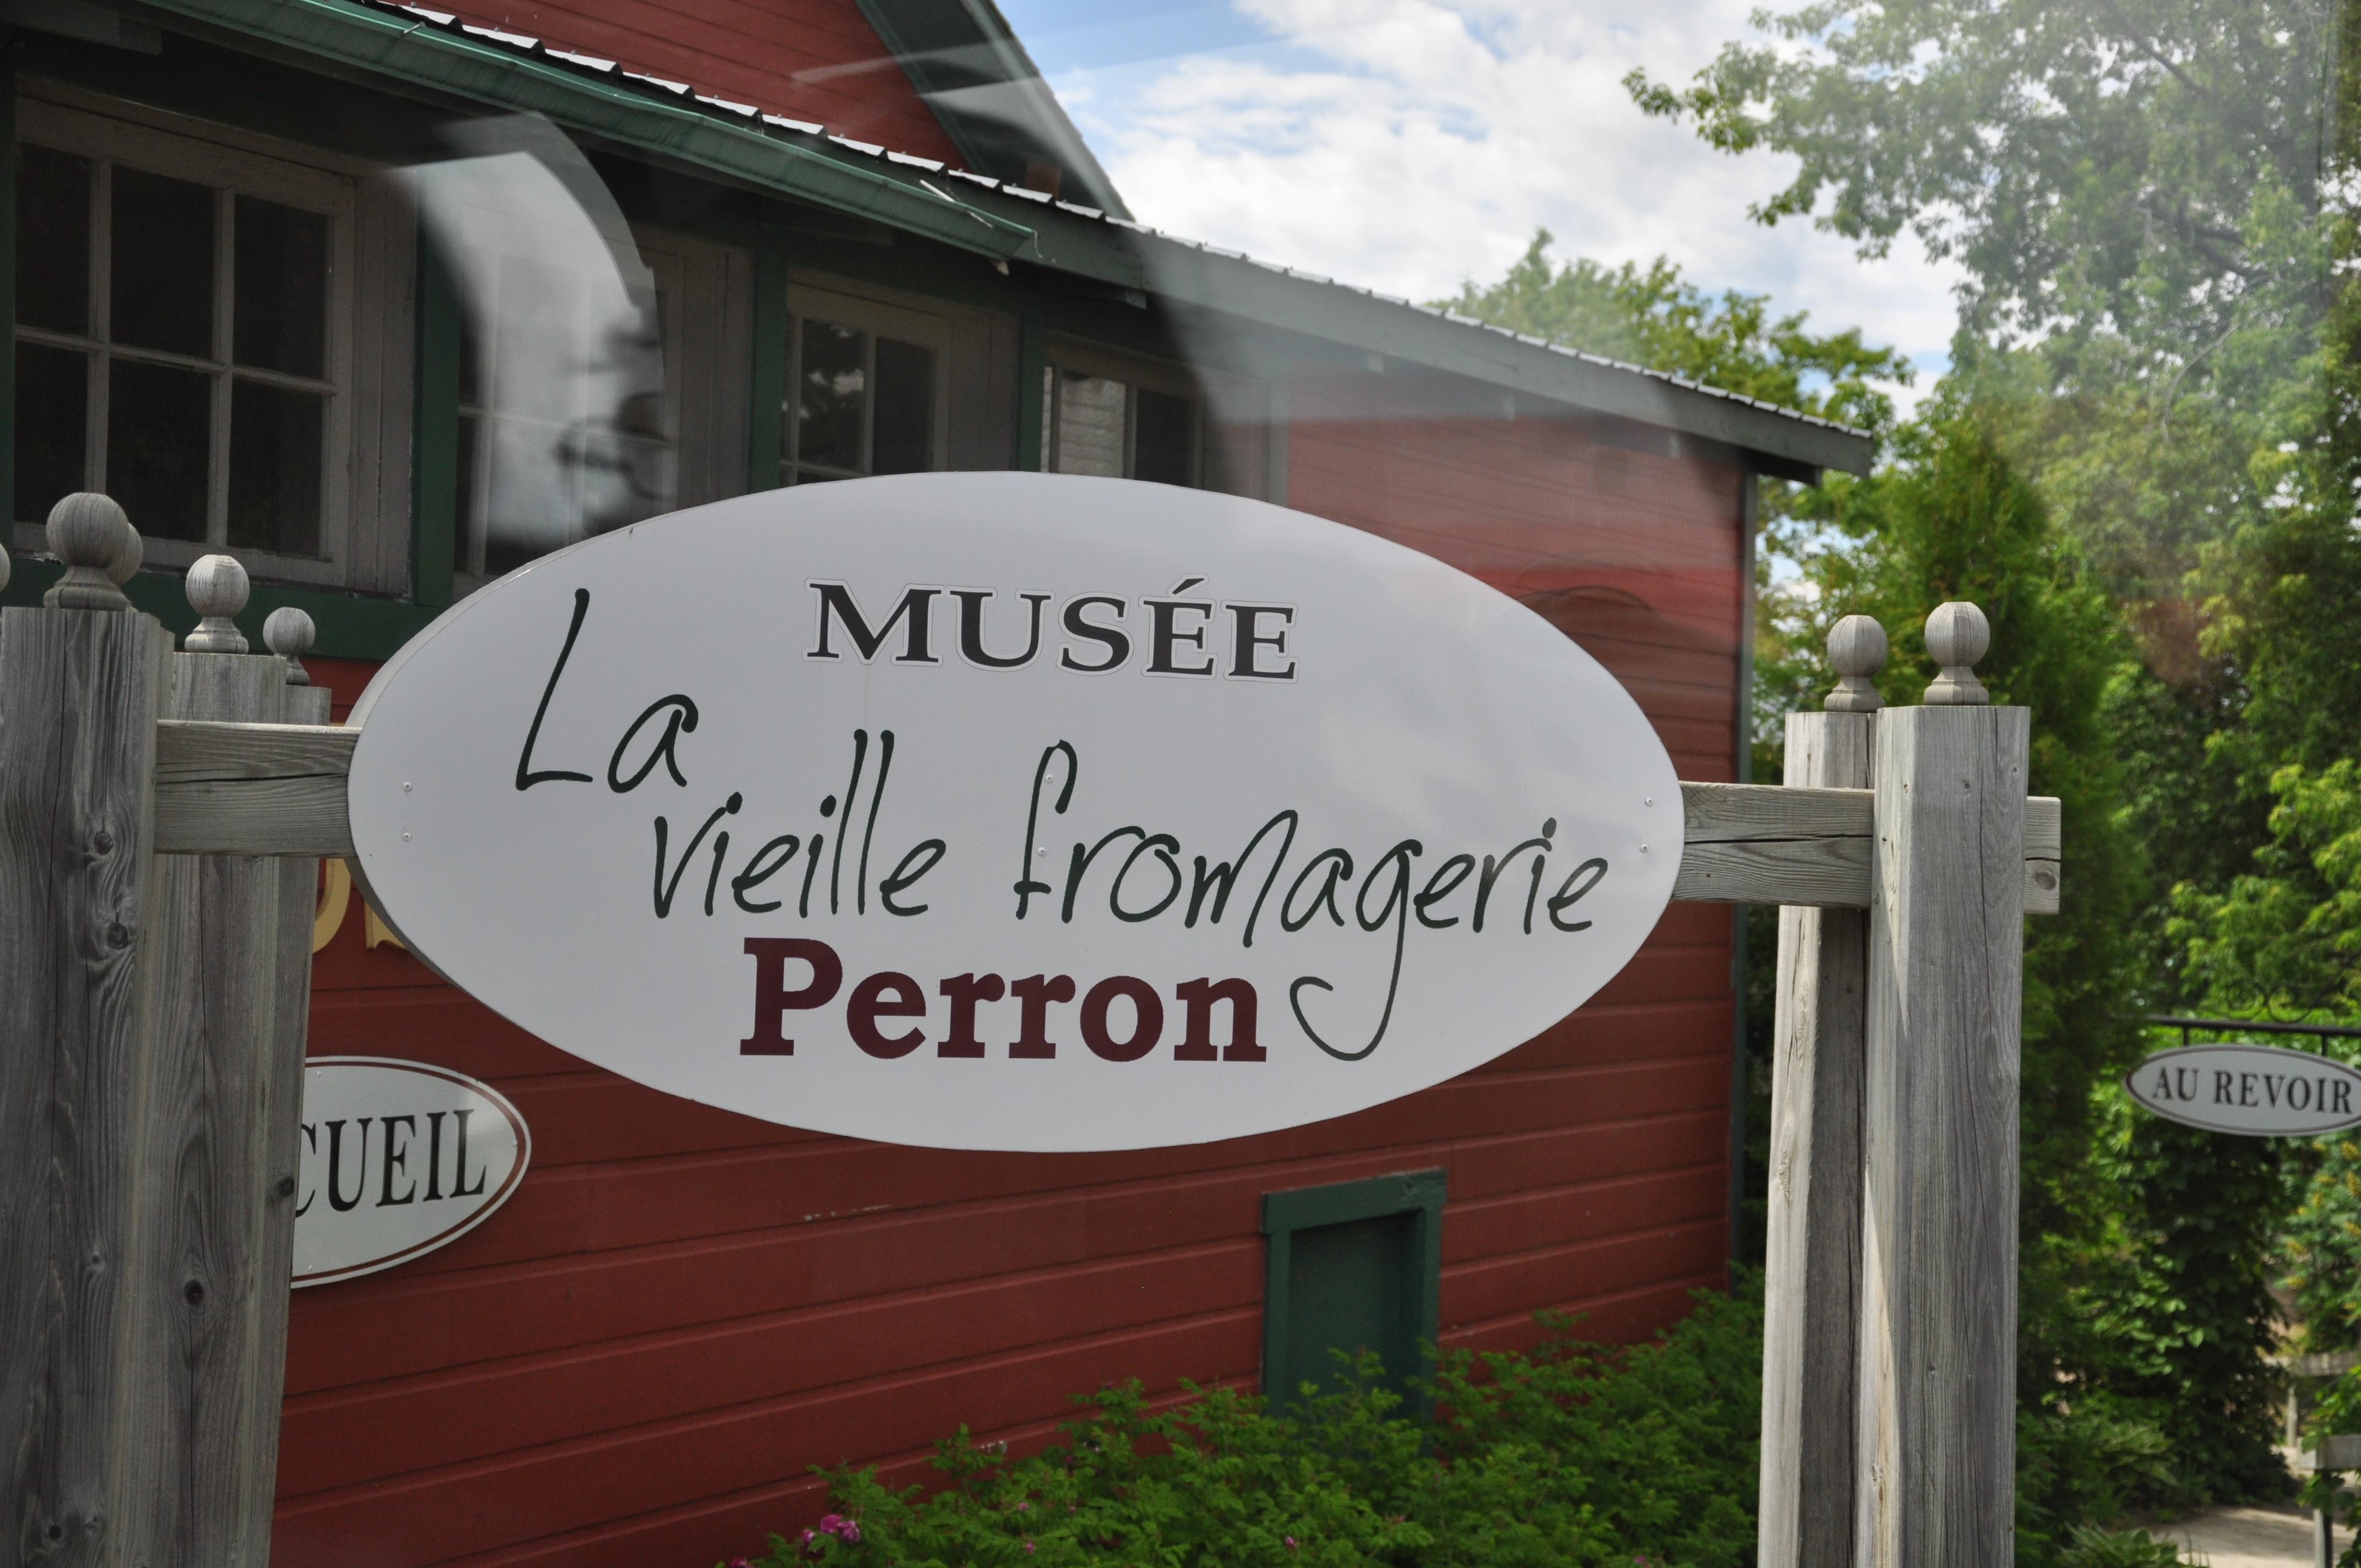 Musée de la vieille fromagerie Perron